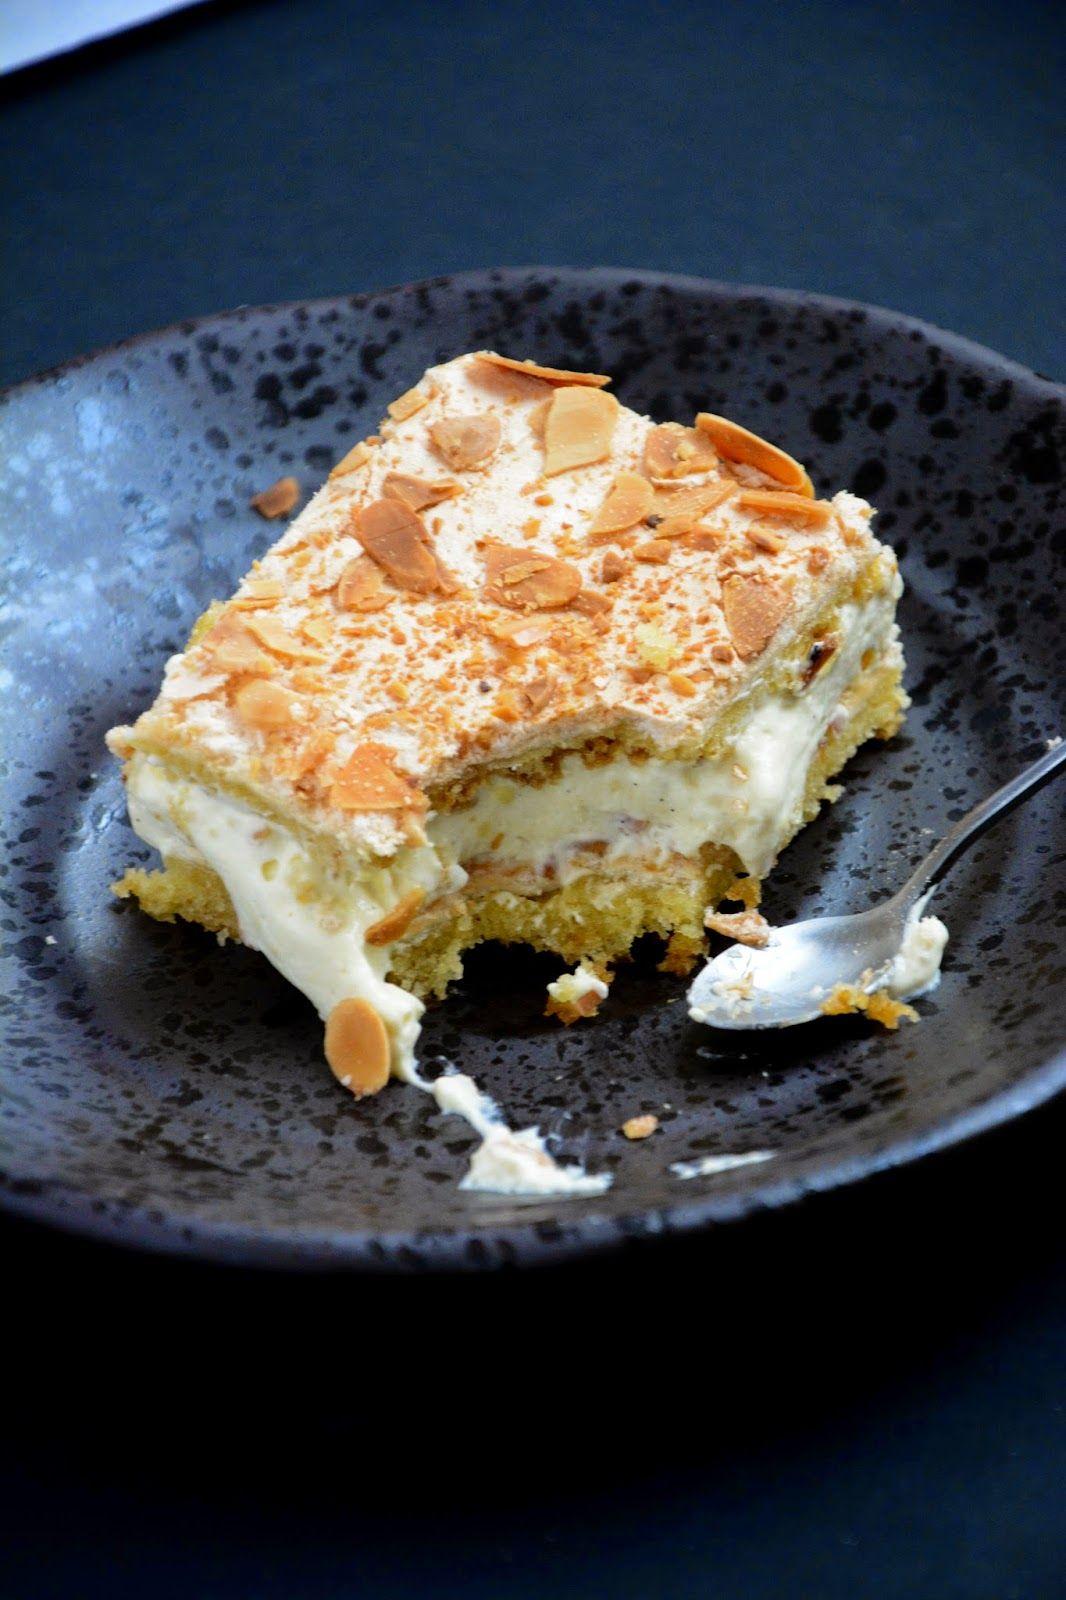 Le meilleur g teau du monde verdens beste en norv gien cuisine desserts no cook - Meilleur cuisine du monde ...